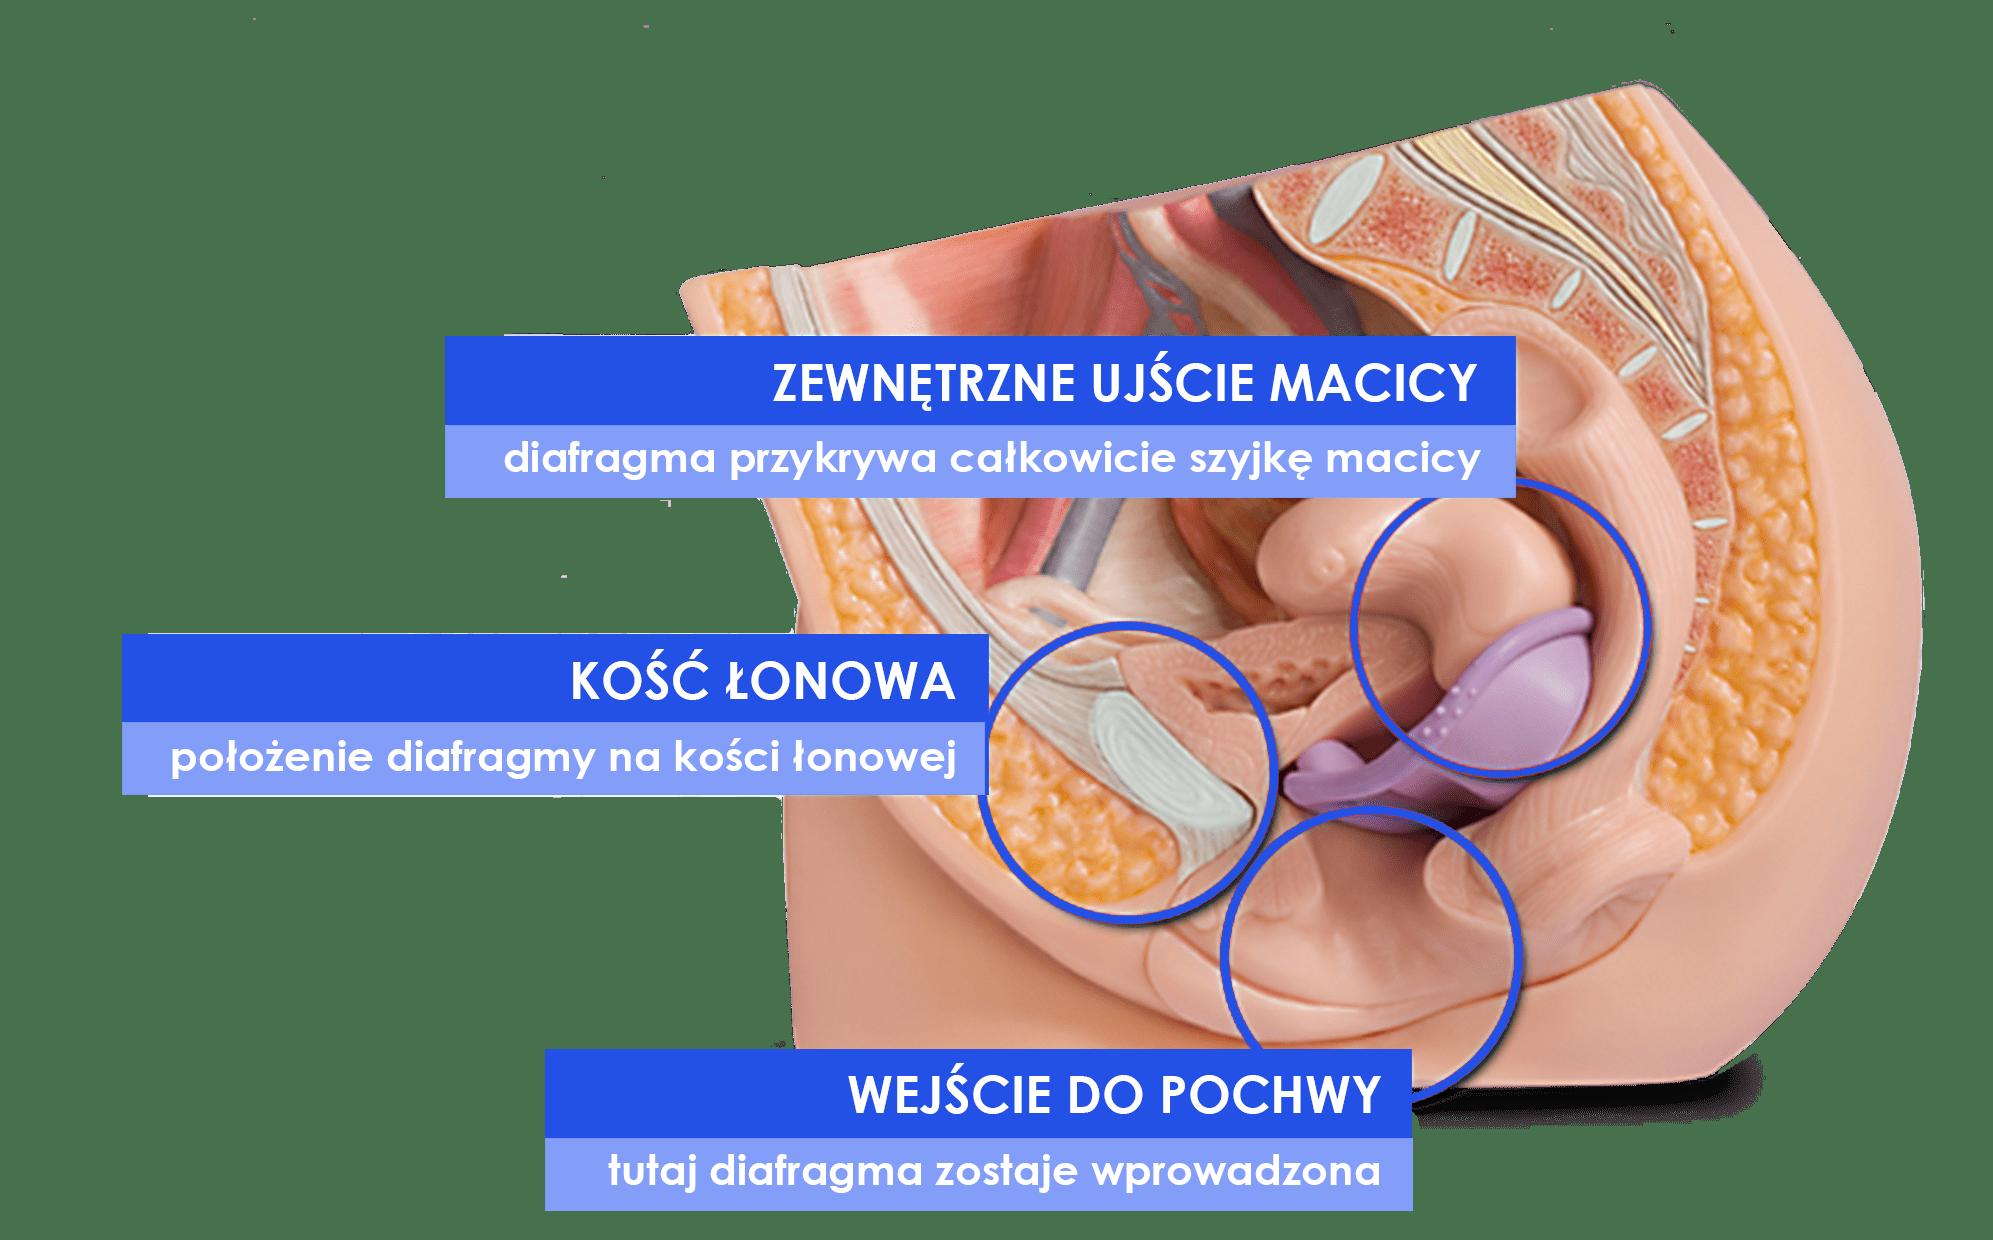 mechaniczna antykoncepcja, Jak działa, Diafragma Caya® - Antykoncepcja Bez Hormonów dla 98% Kobiet